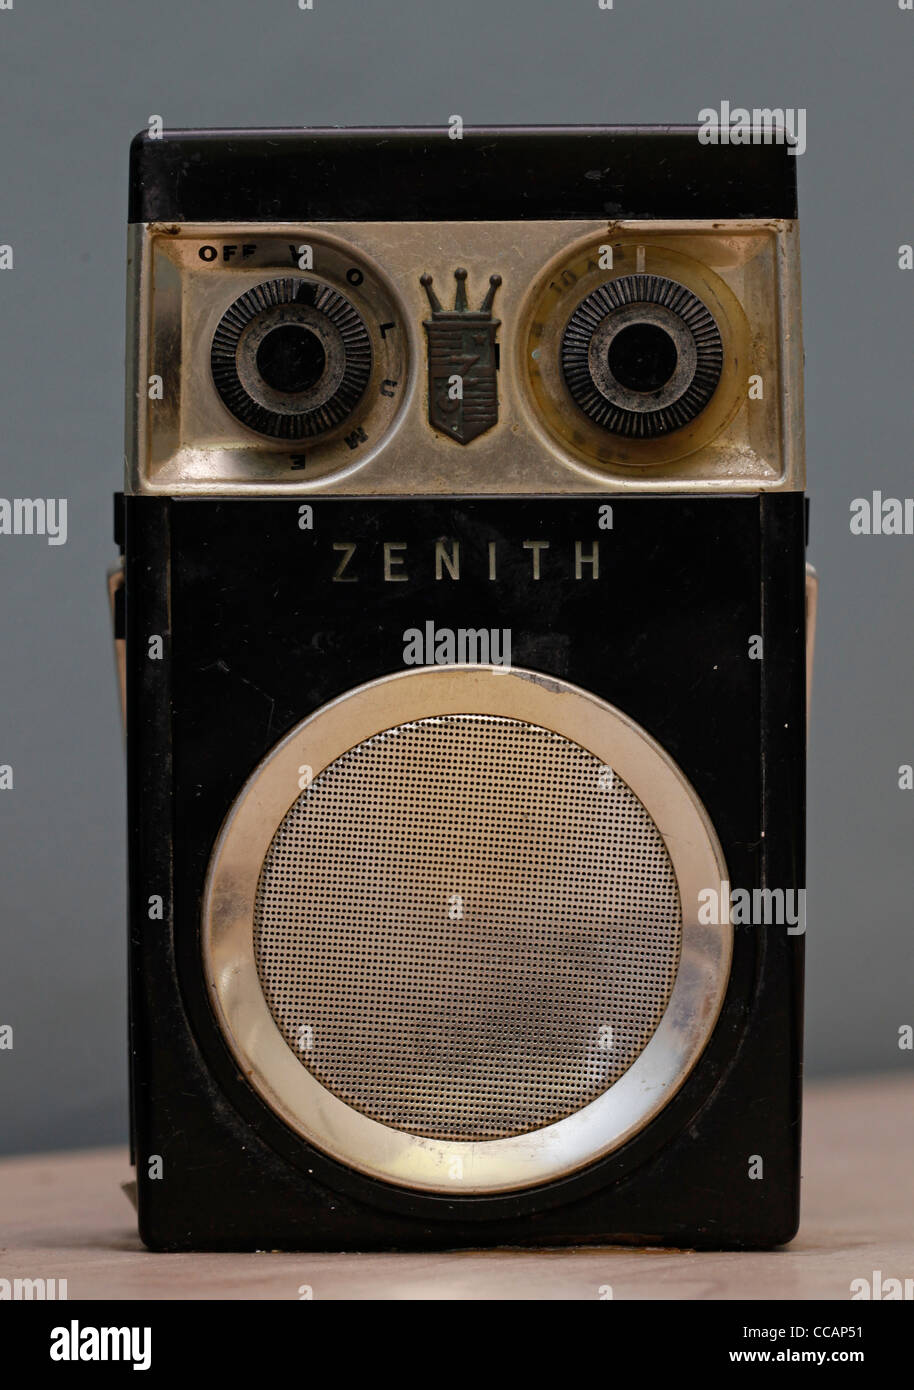 Zenith Radio Stock Photos & Zenith Radio Stock Images - Alamy